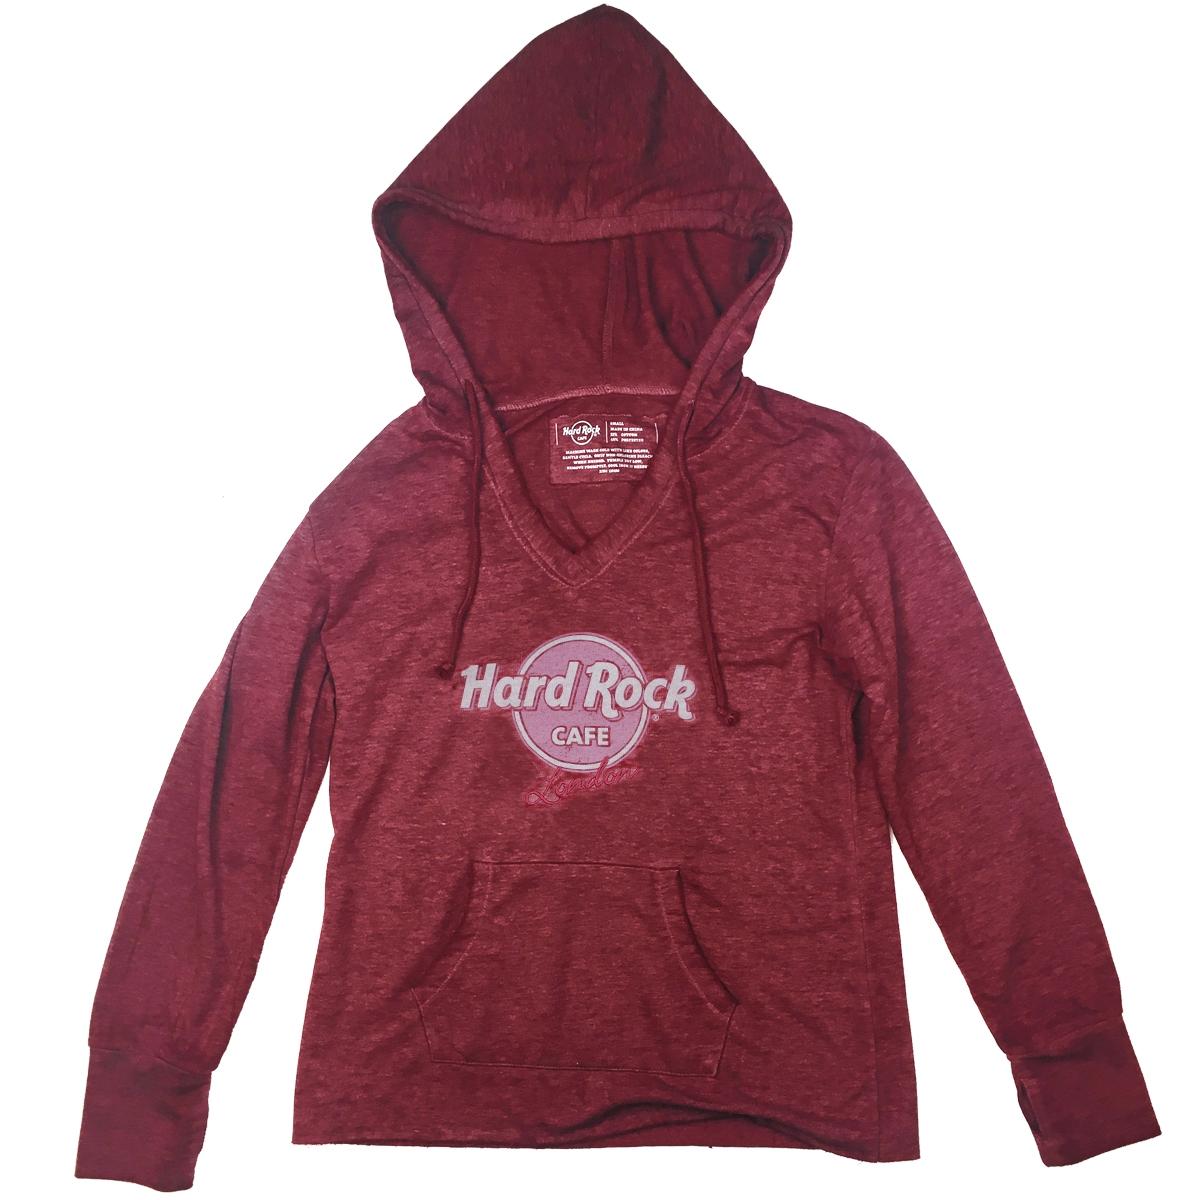 Ladies Raspberry Light Weight Hoodie, London 0